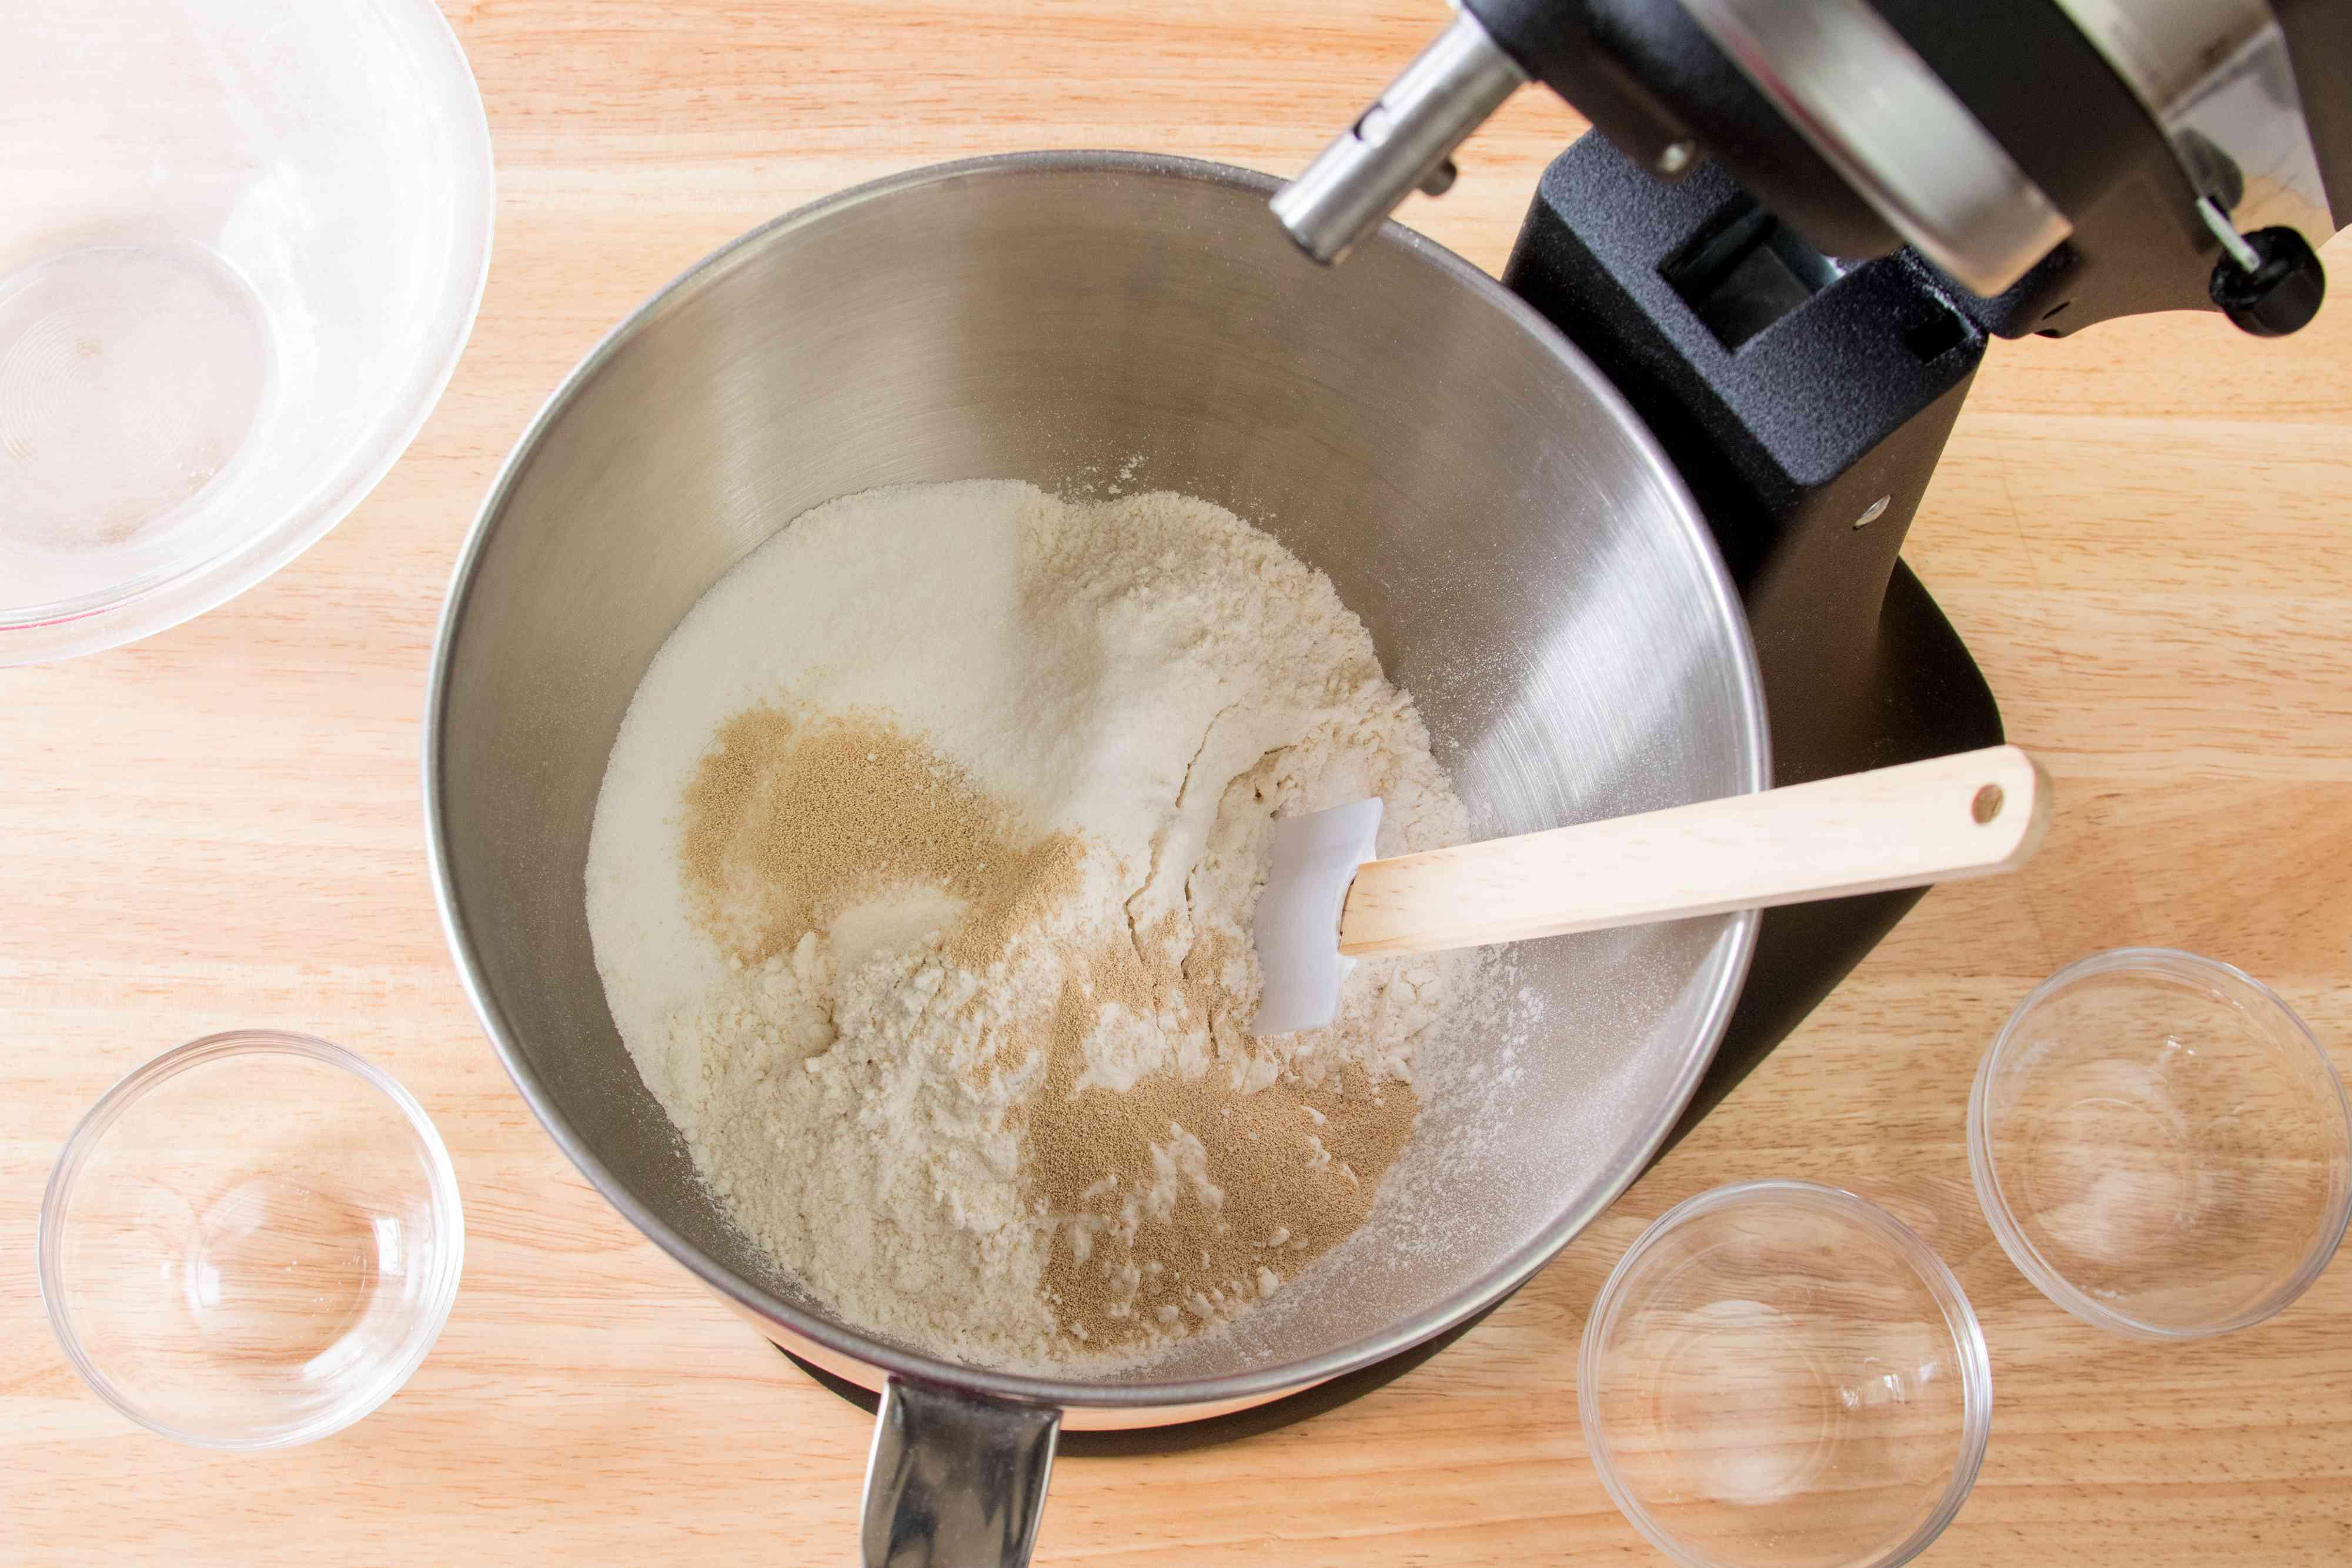 Mixing Croissant Dough